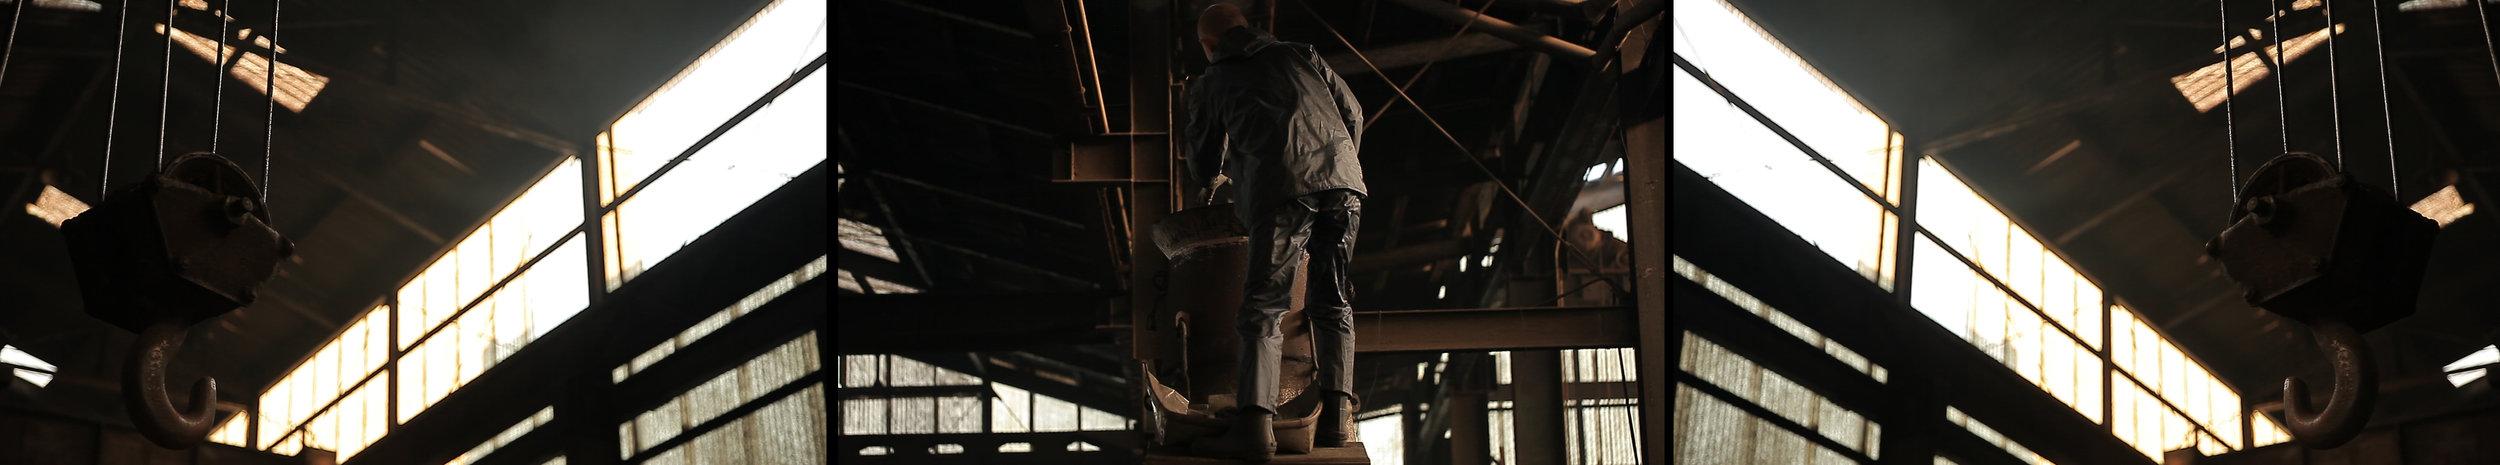 The Bell Makers of Makabe 9 (3frame still).jpg